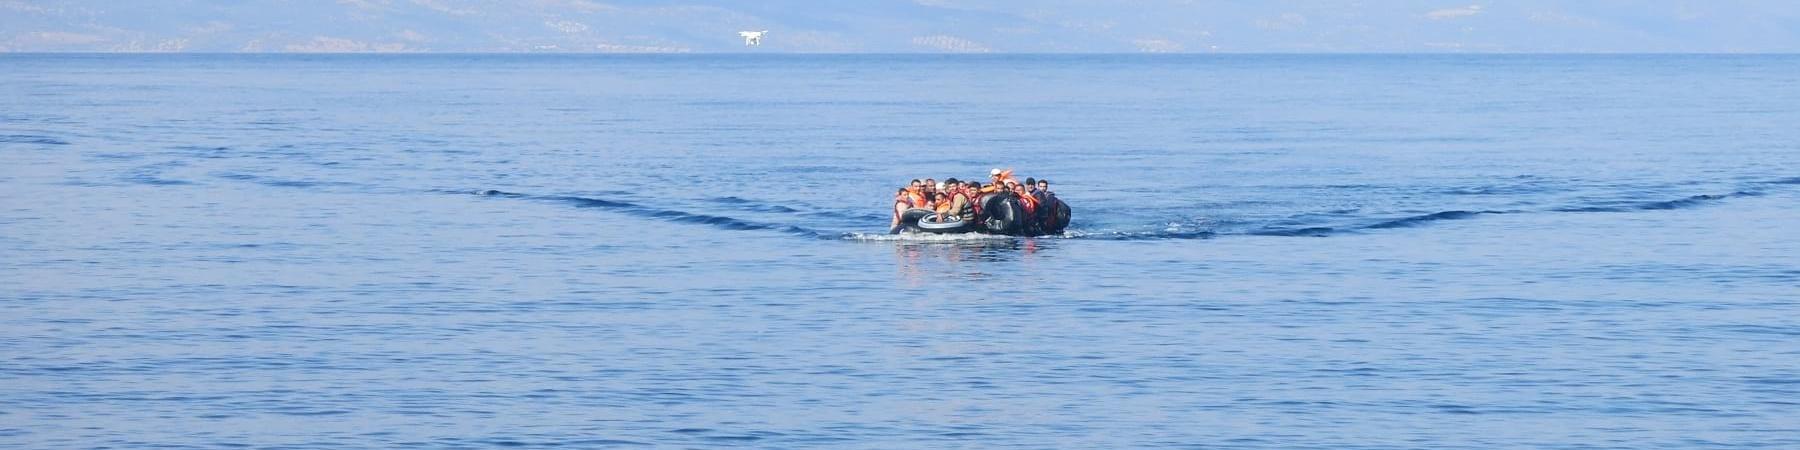 gommone in mare aperto